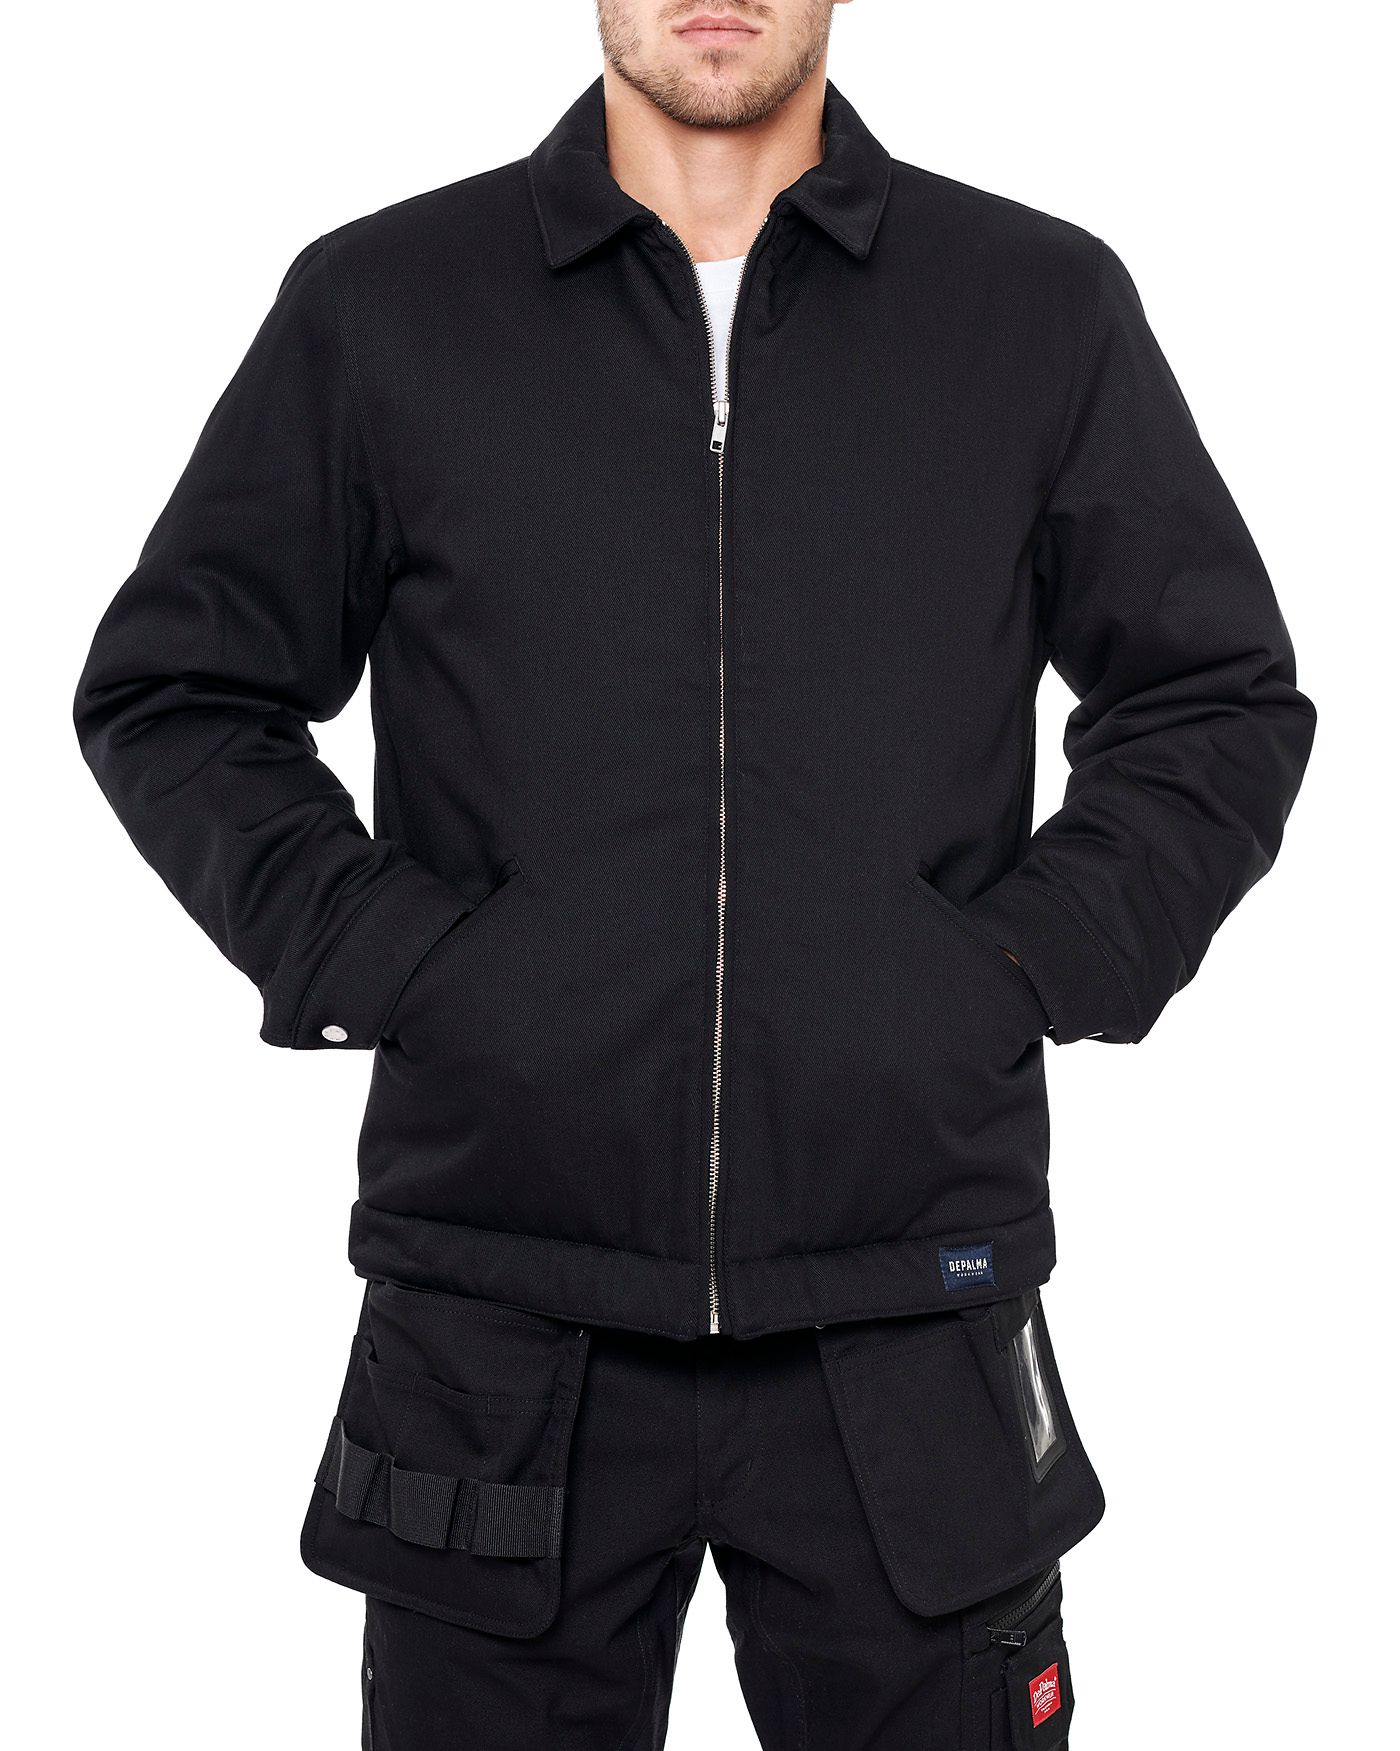 Photo of Cleveland Padded Jacket, Black